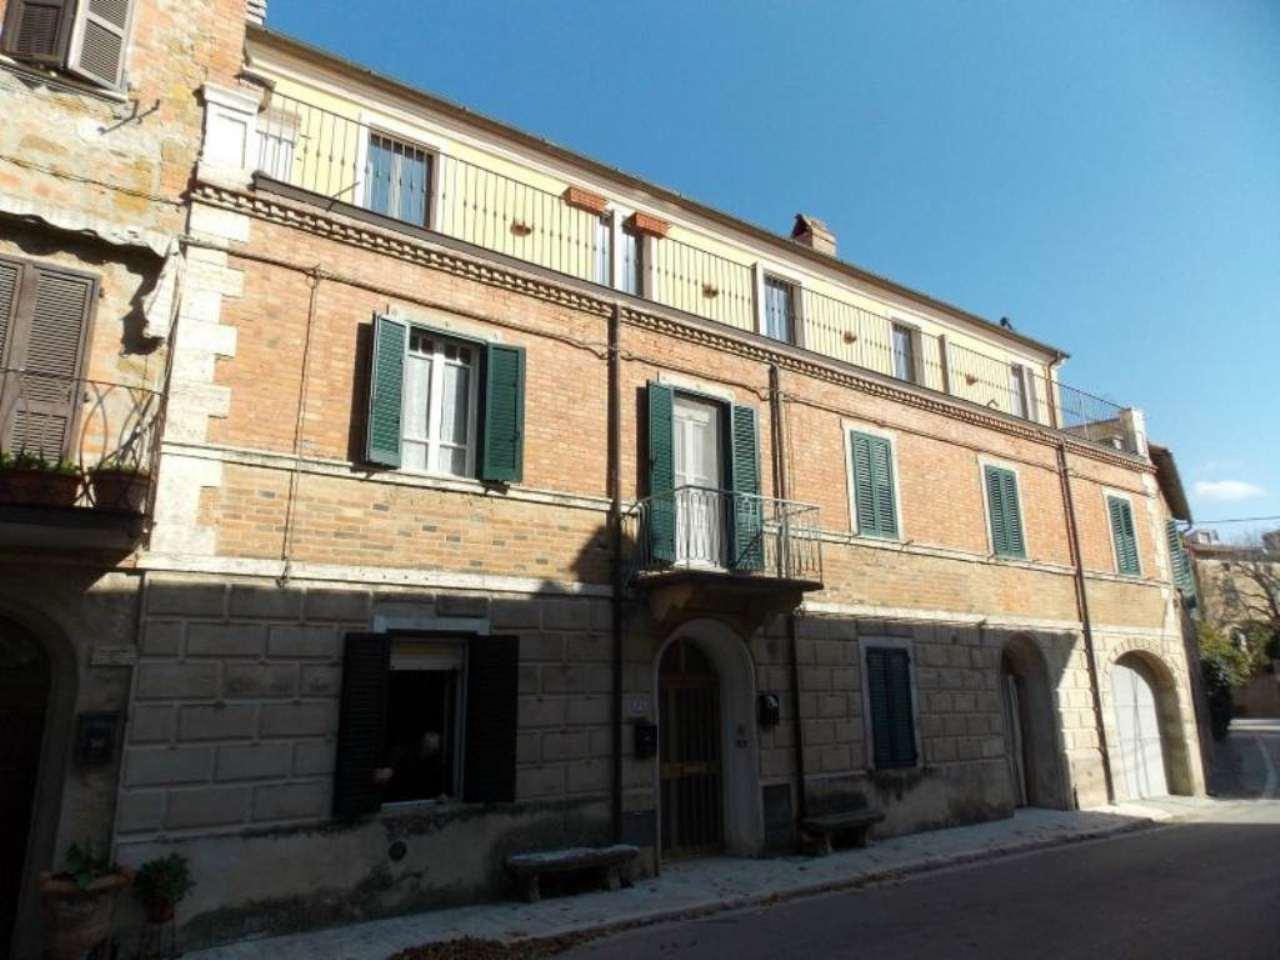 Appartamento in vendita a Trequanda, 6 locali, prezzo € 65.000 | Cambio Casa.it